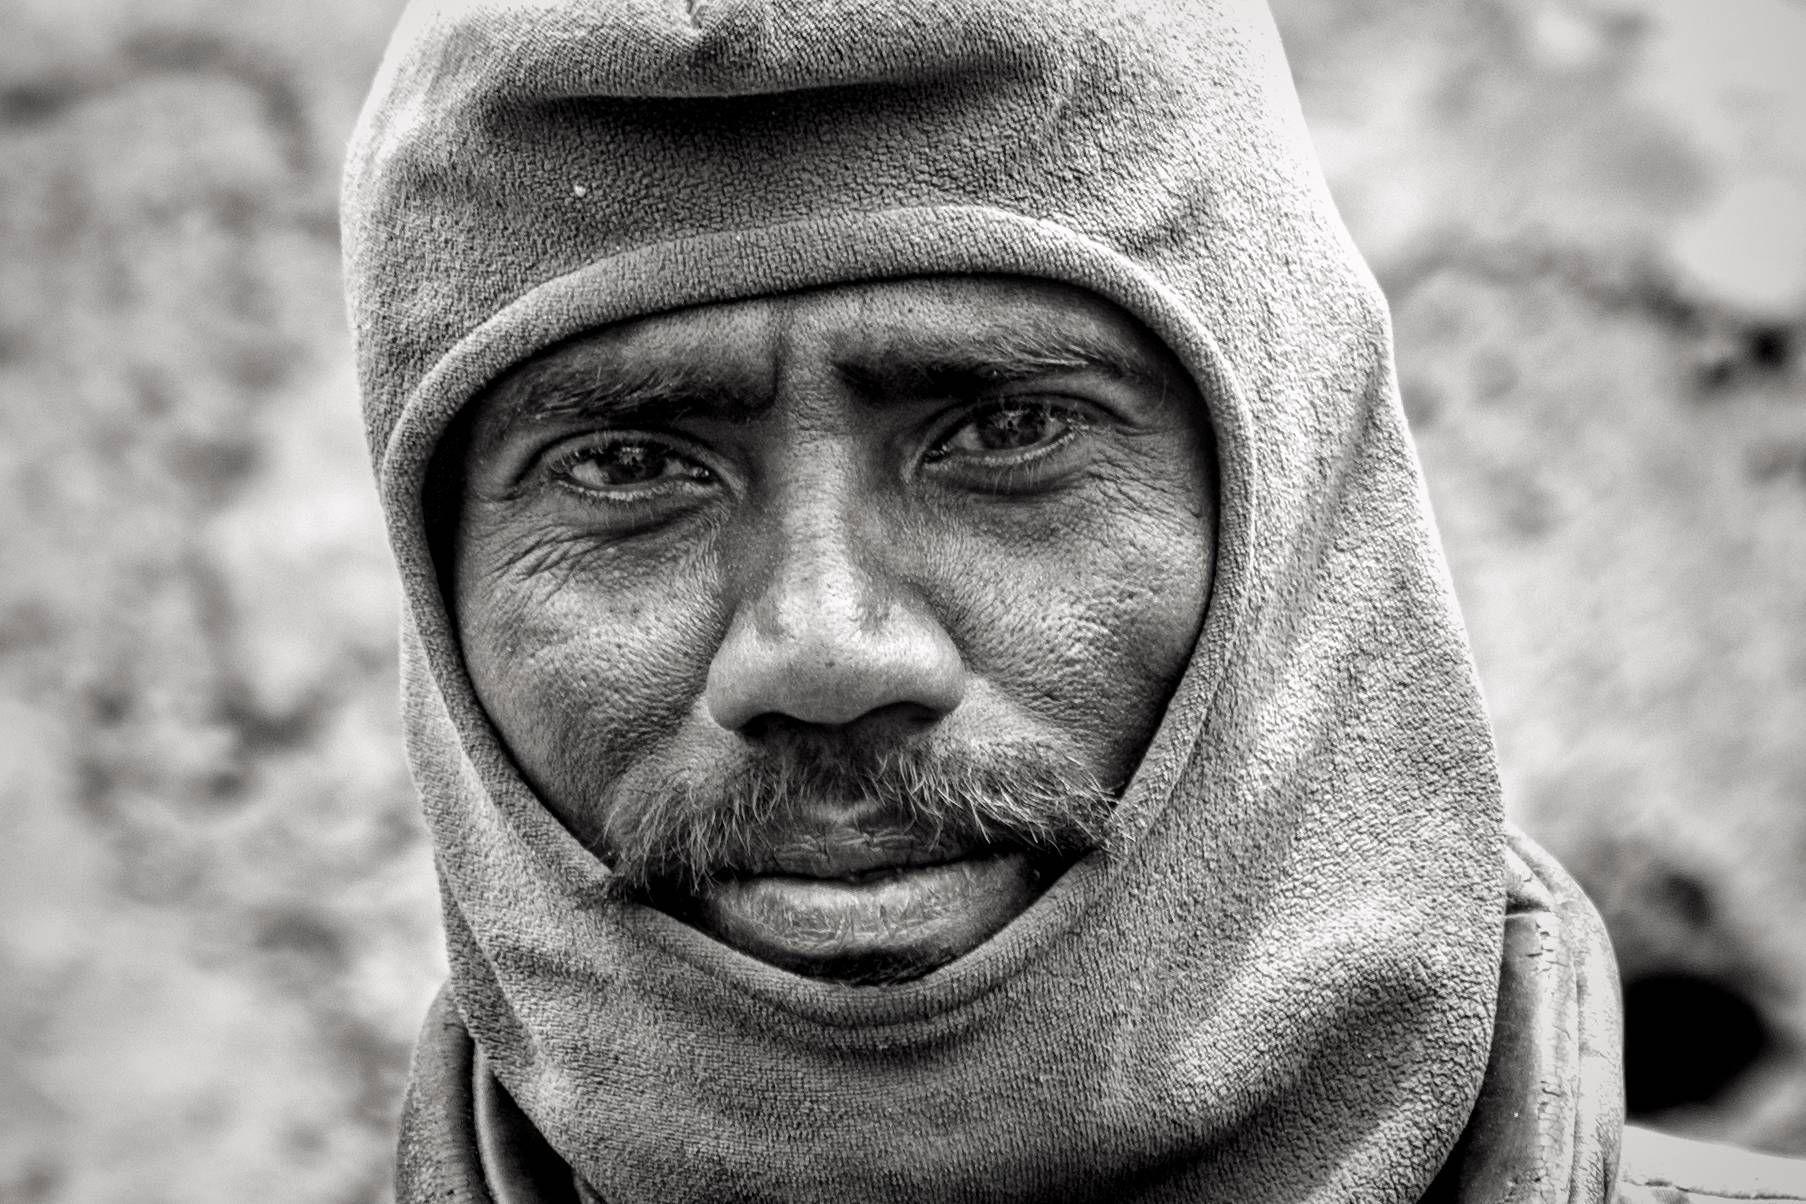 """""""Border roads Hero"""" by Ivan Aleshin https://gurushots.com/ivan604/photos?tc=2f714573798c4445d3810149174a9e47"""